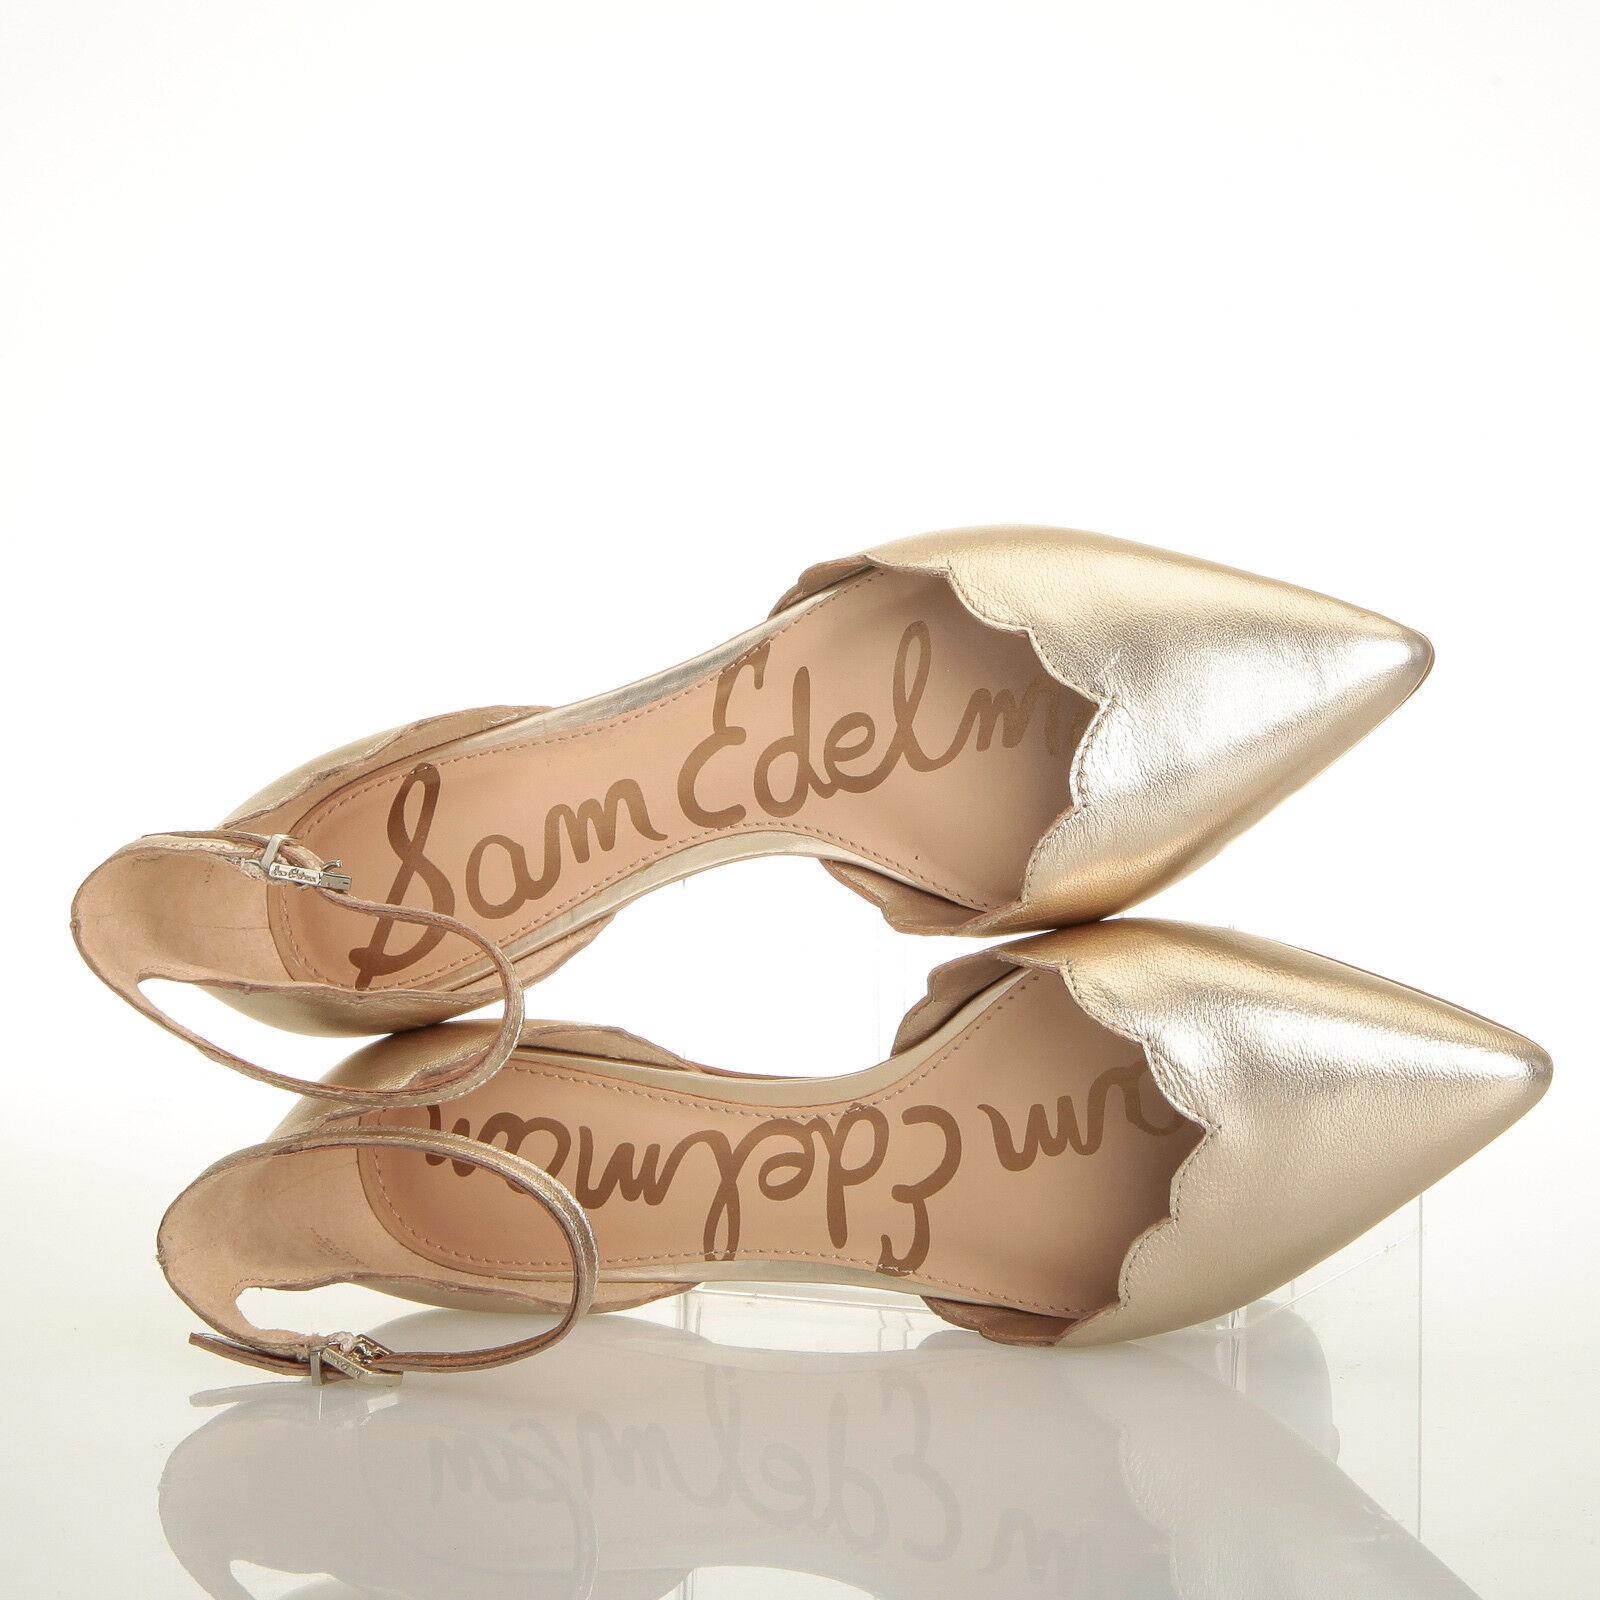 Sam Größe Edelman Rowan Gold Leder Flat Sandales - Größe Sam 7 M 5b848a